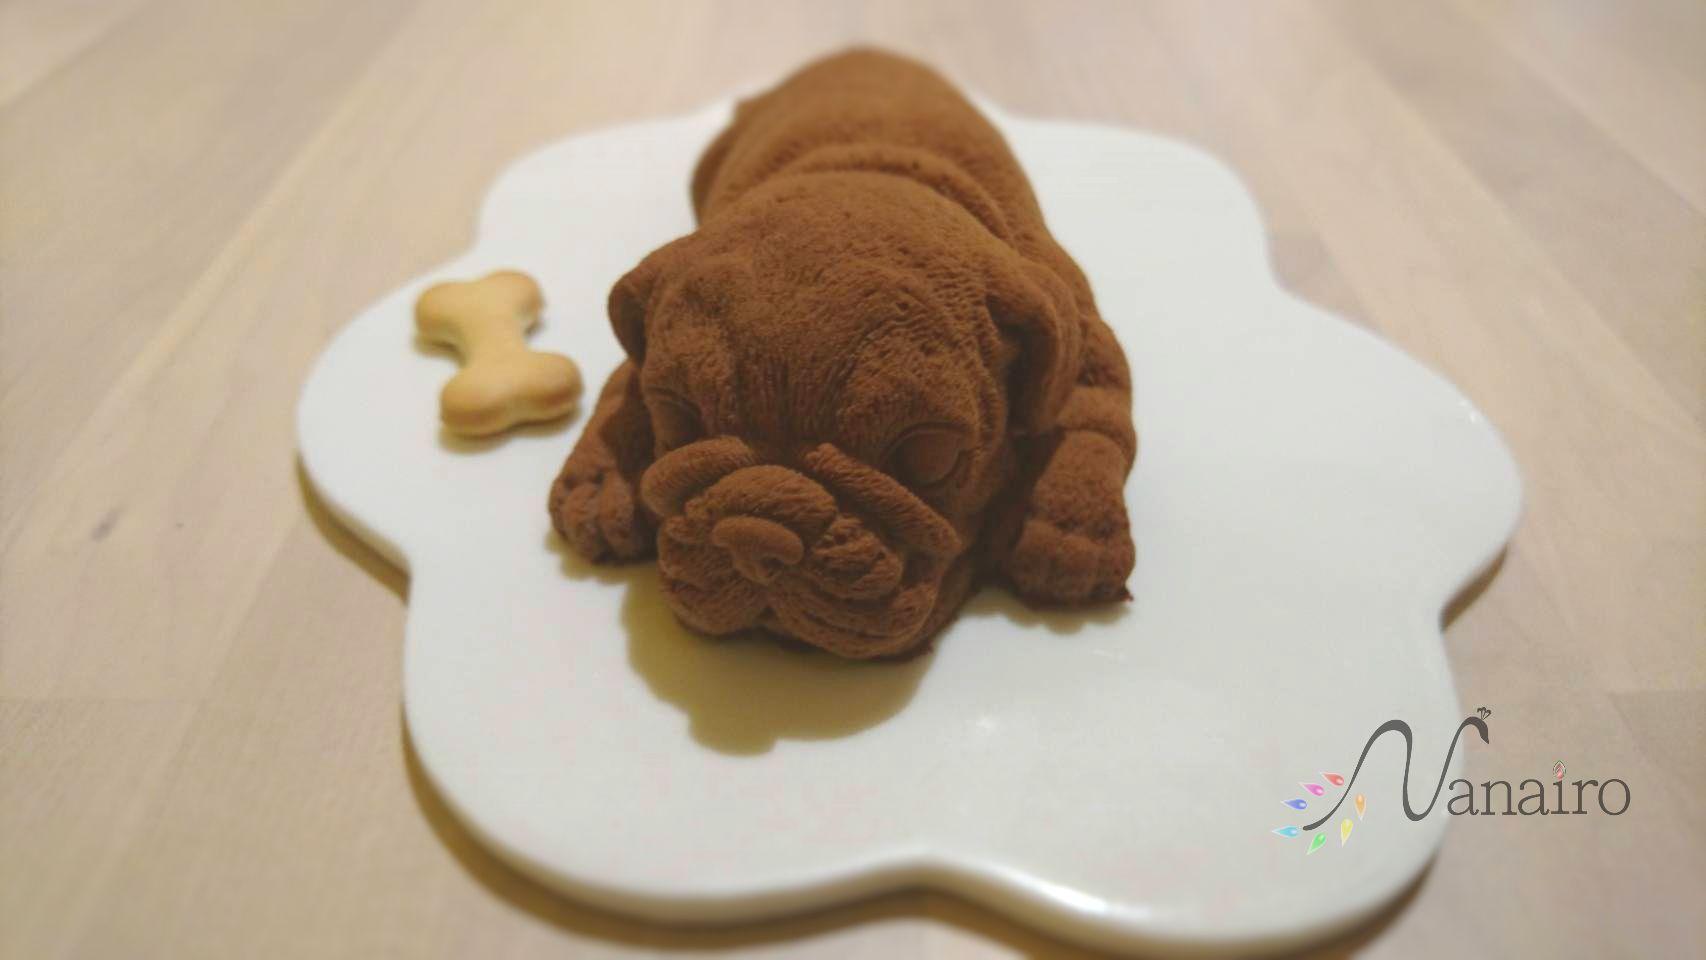 台湾で話題!リアルな犬ケーキ